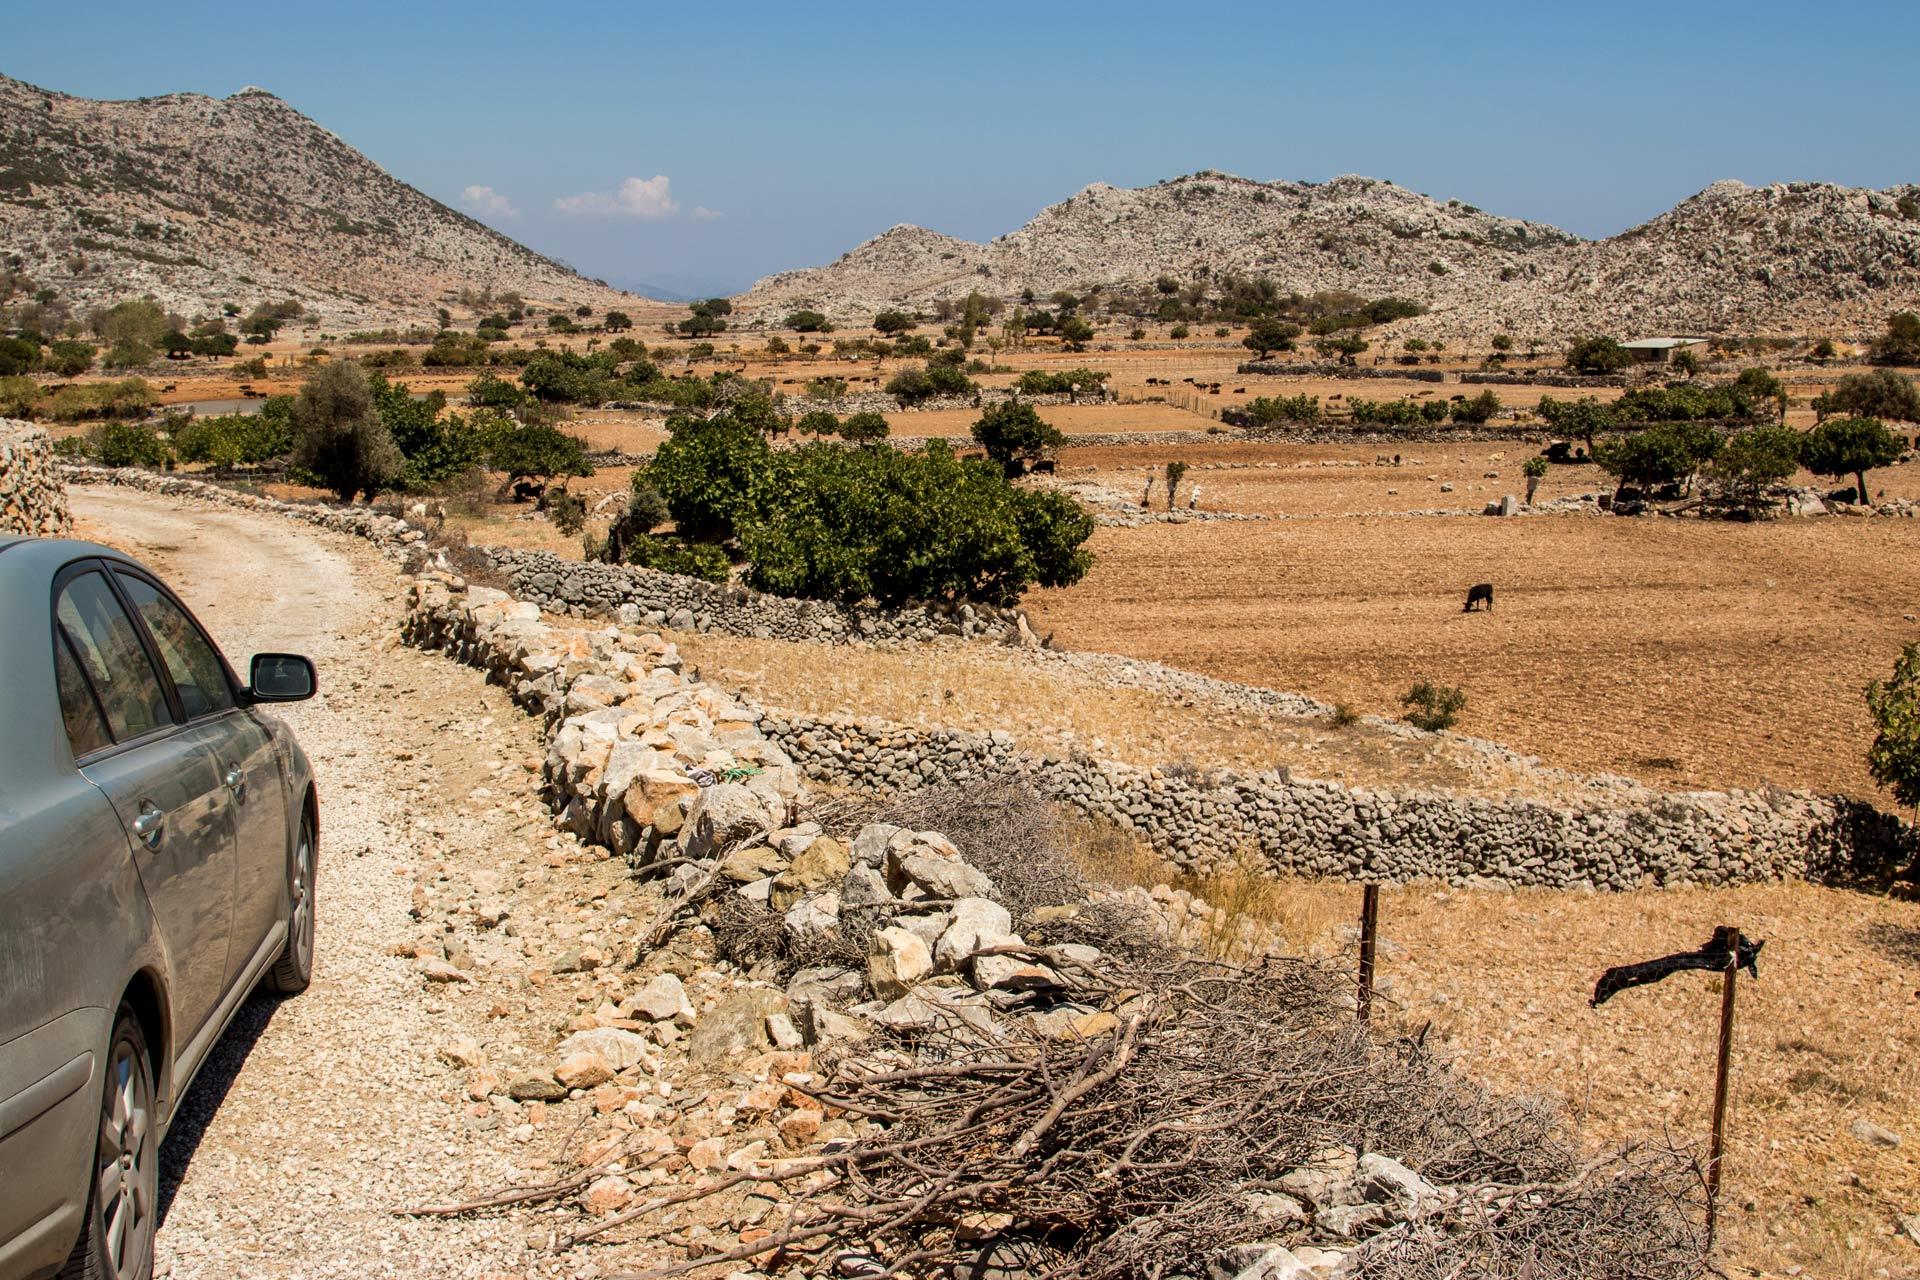 Taşlıca Köyü Marmaris Muğla Türkiye Çekergezer Hakan Aydın Gezgin Fotoğrafçı